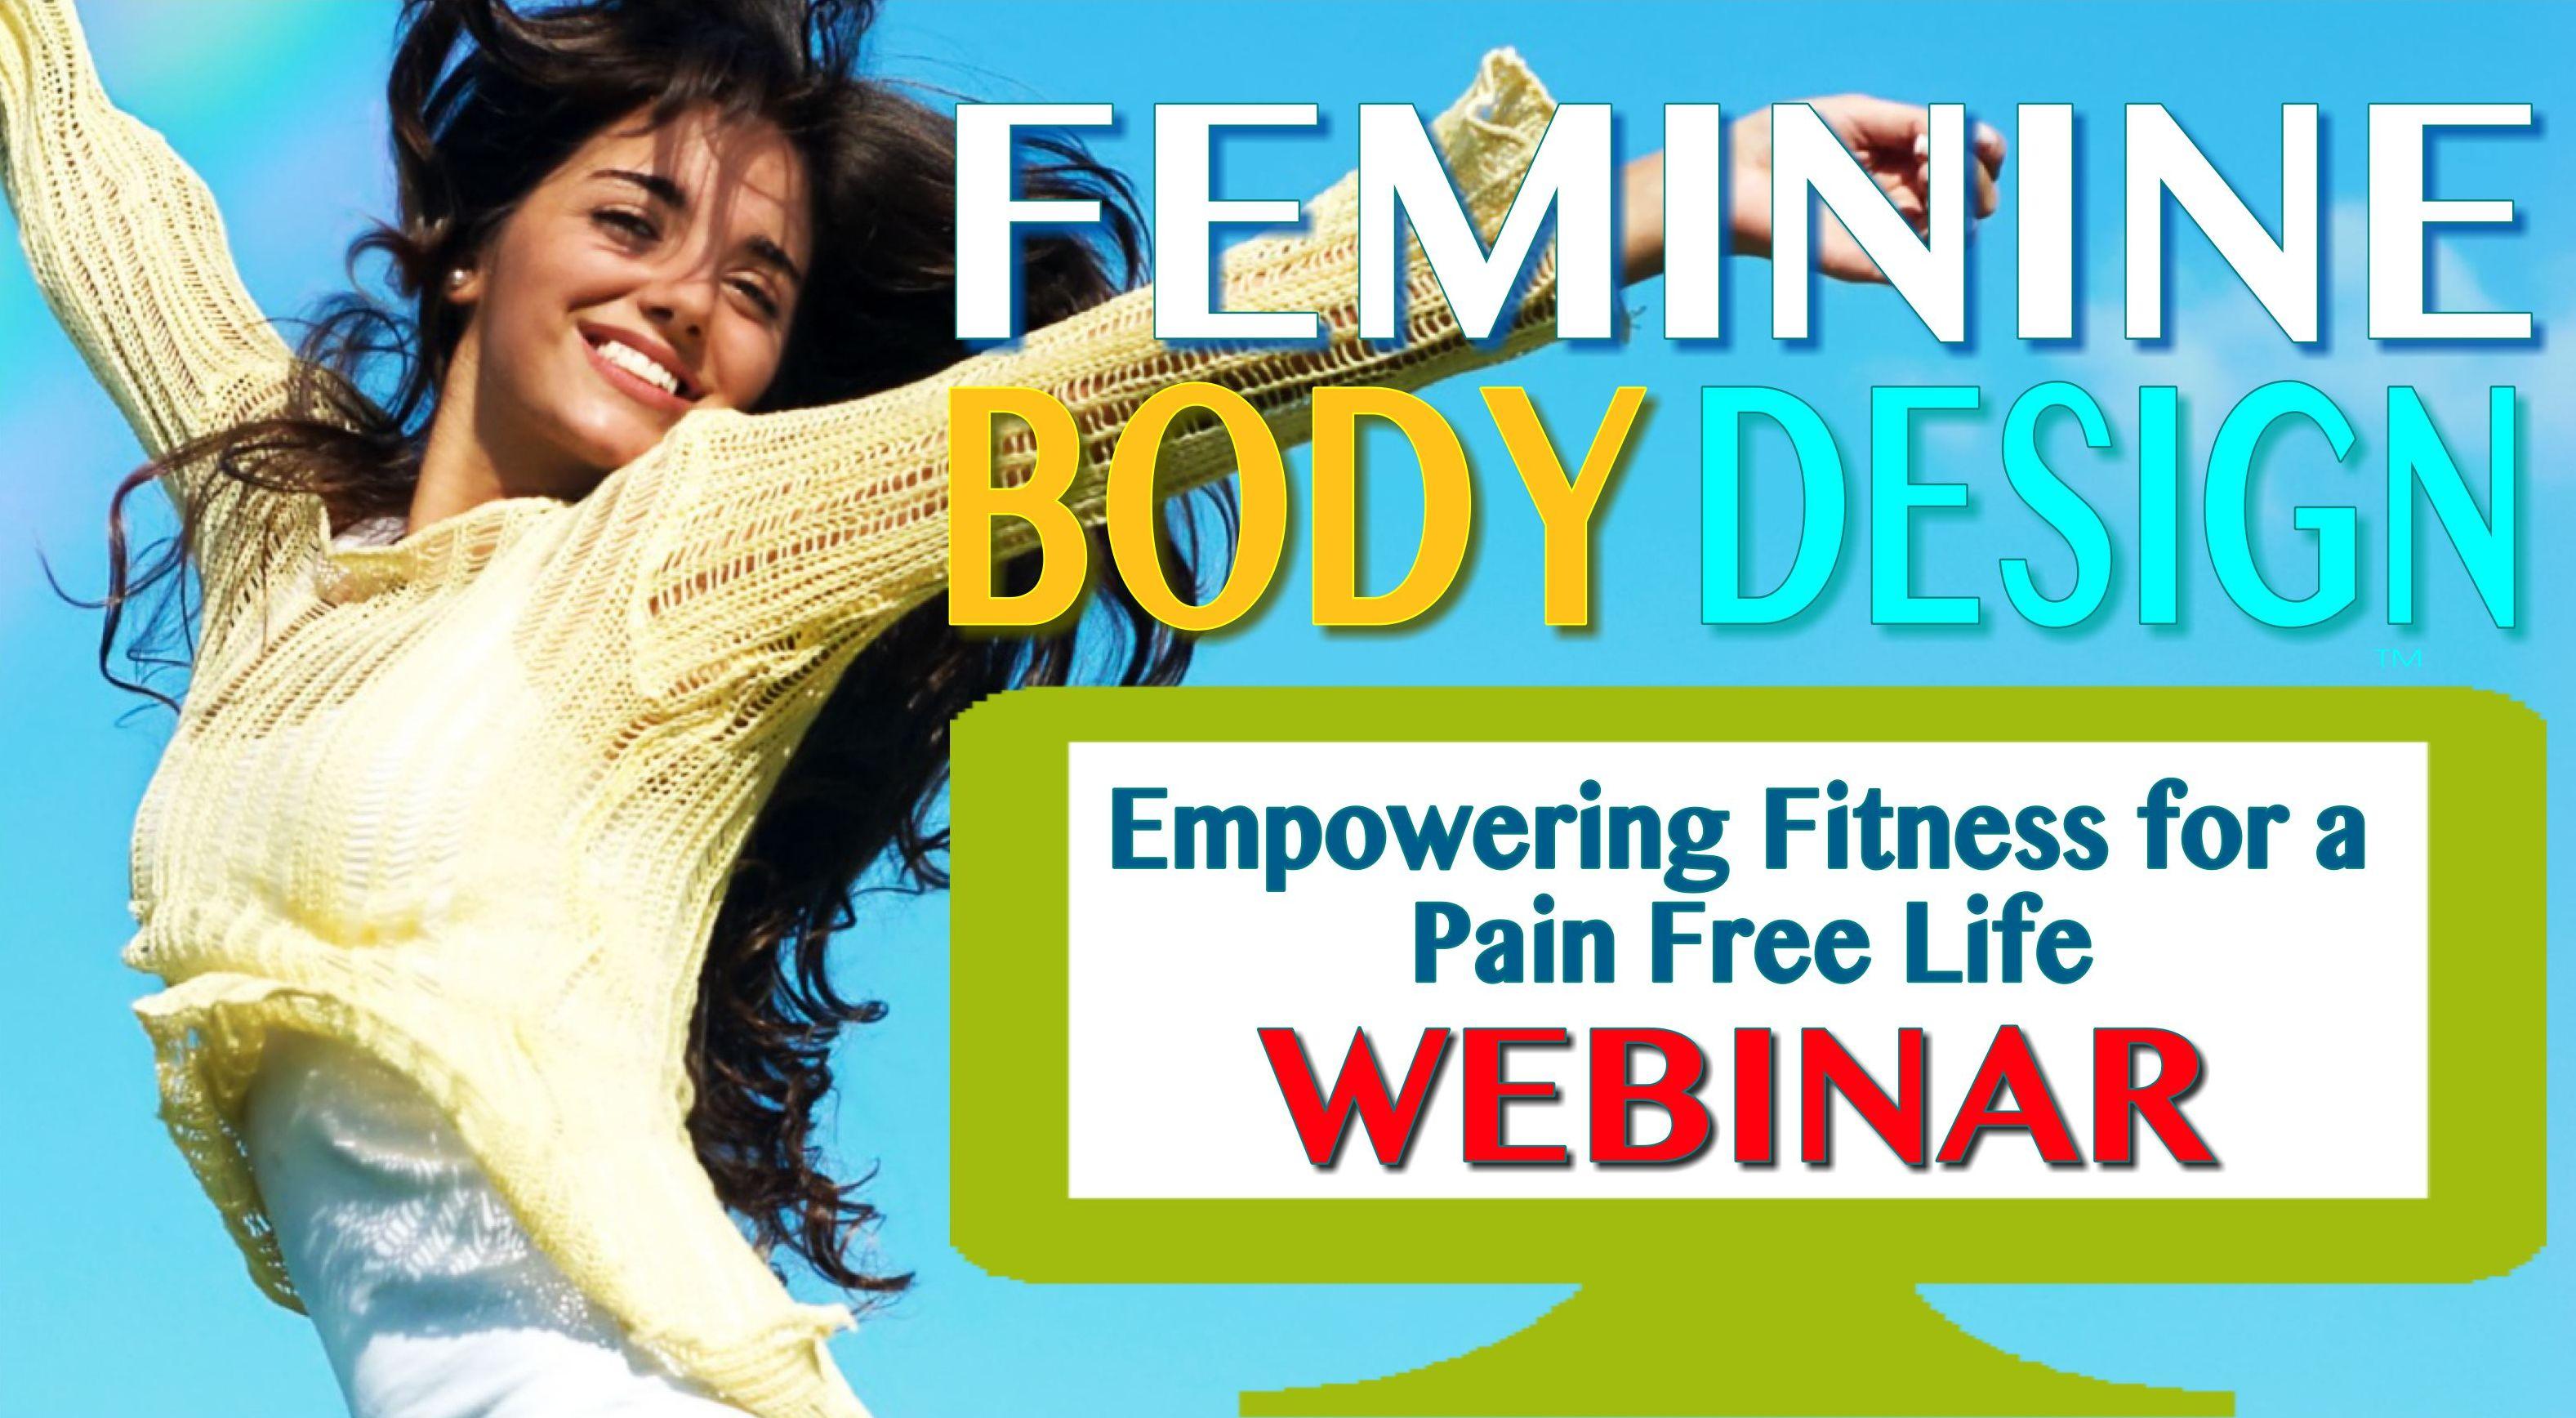 Feminine Body Design Webinar